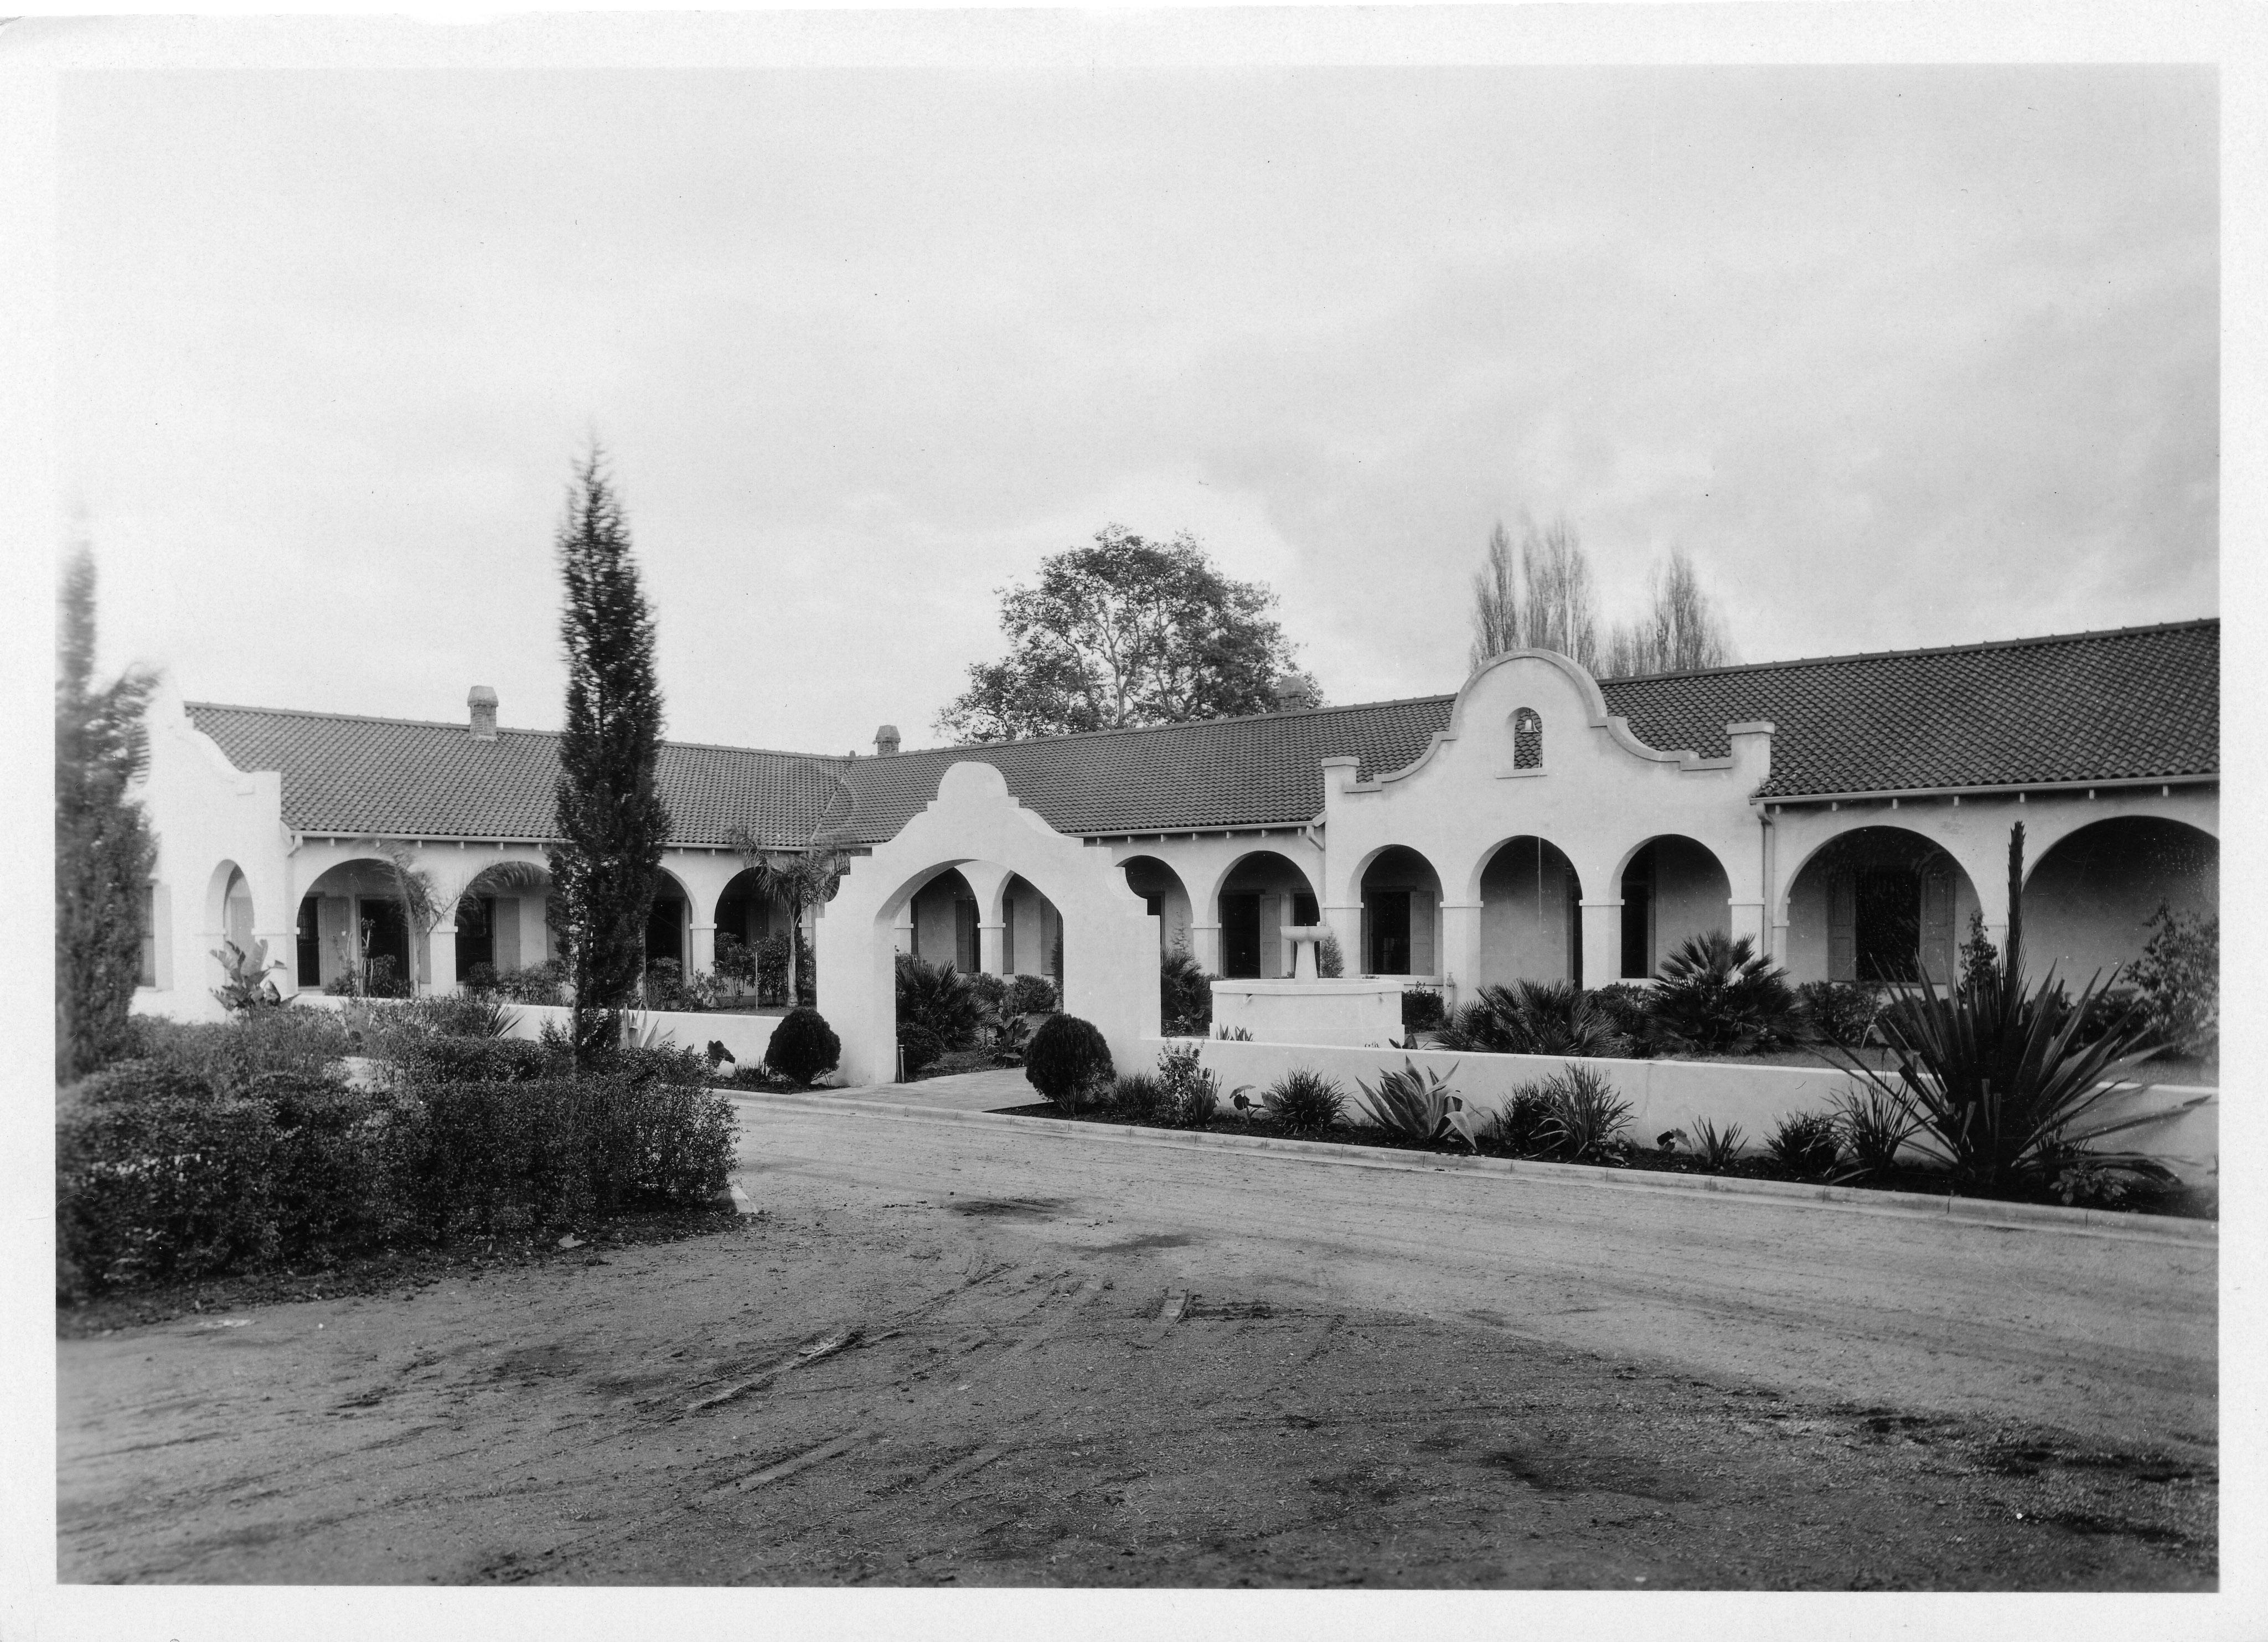 Dominguez Rancho Adobe